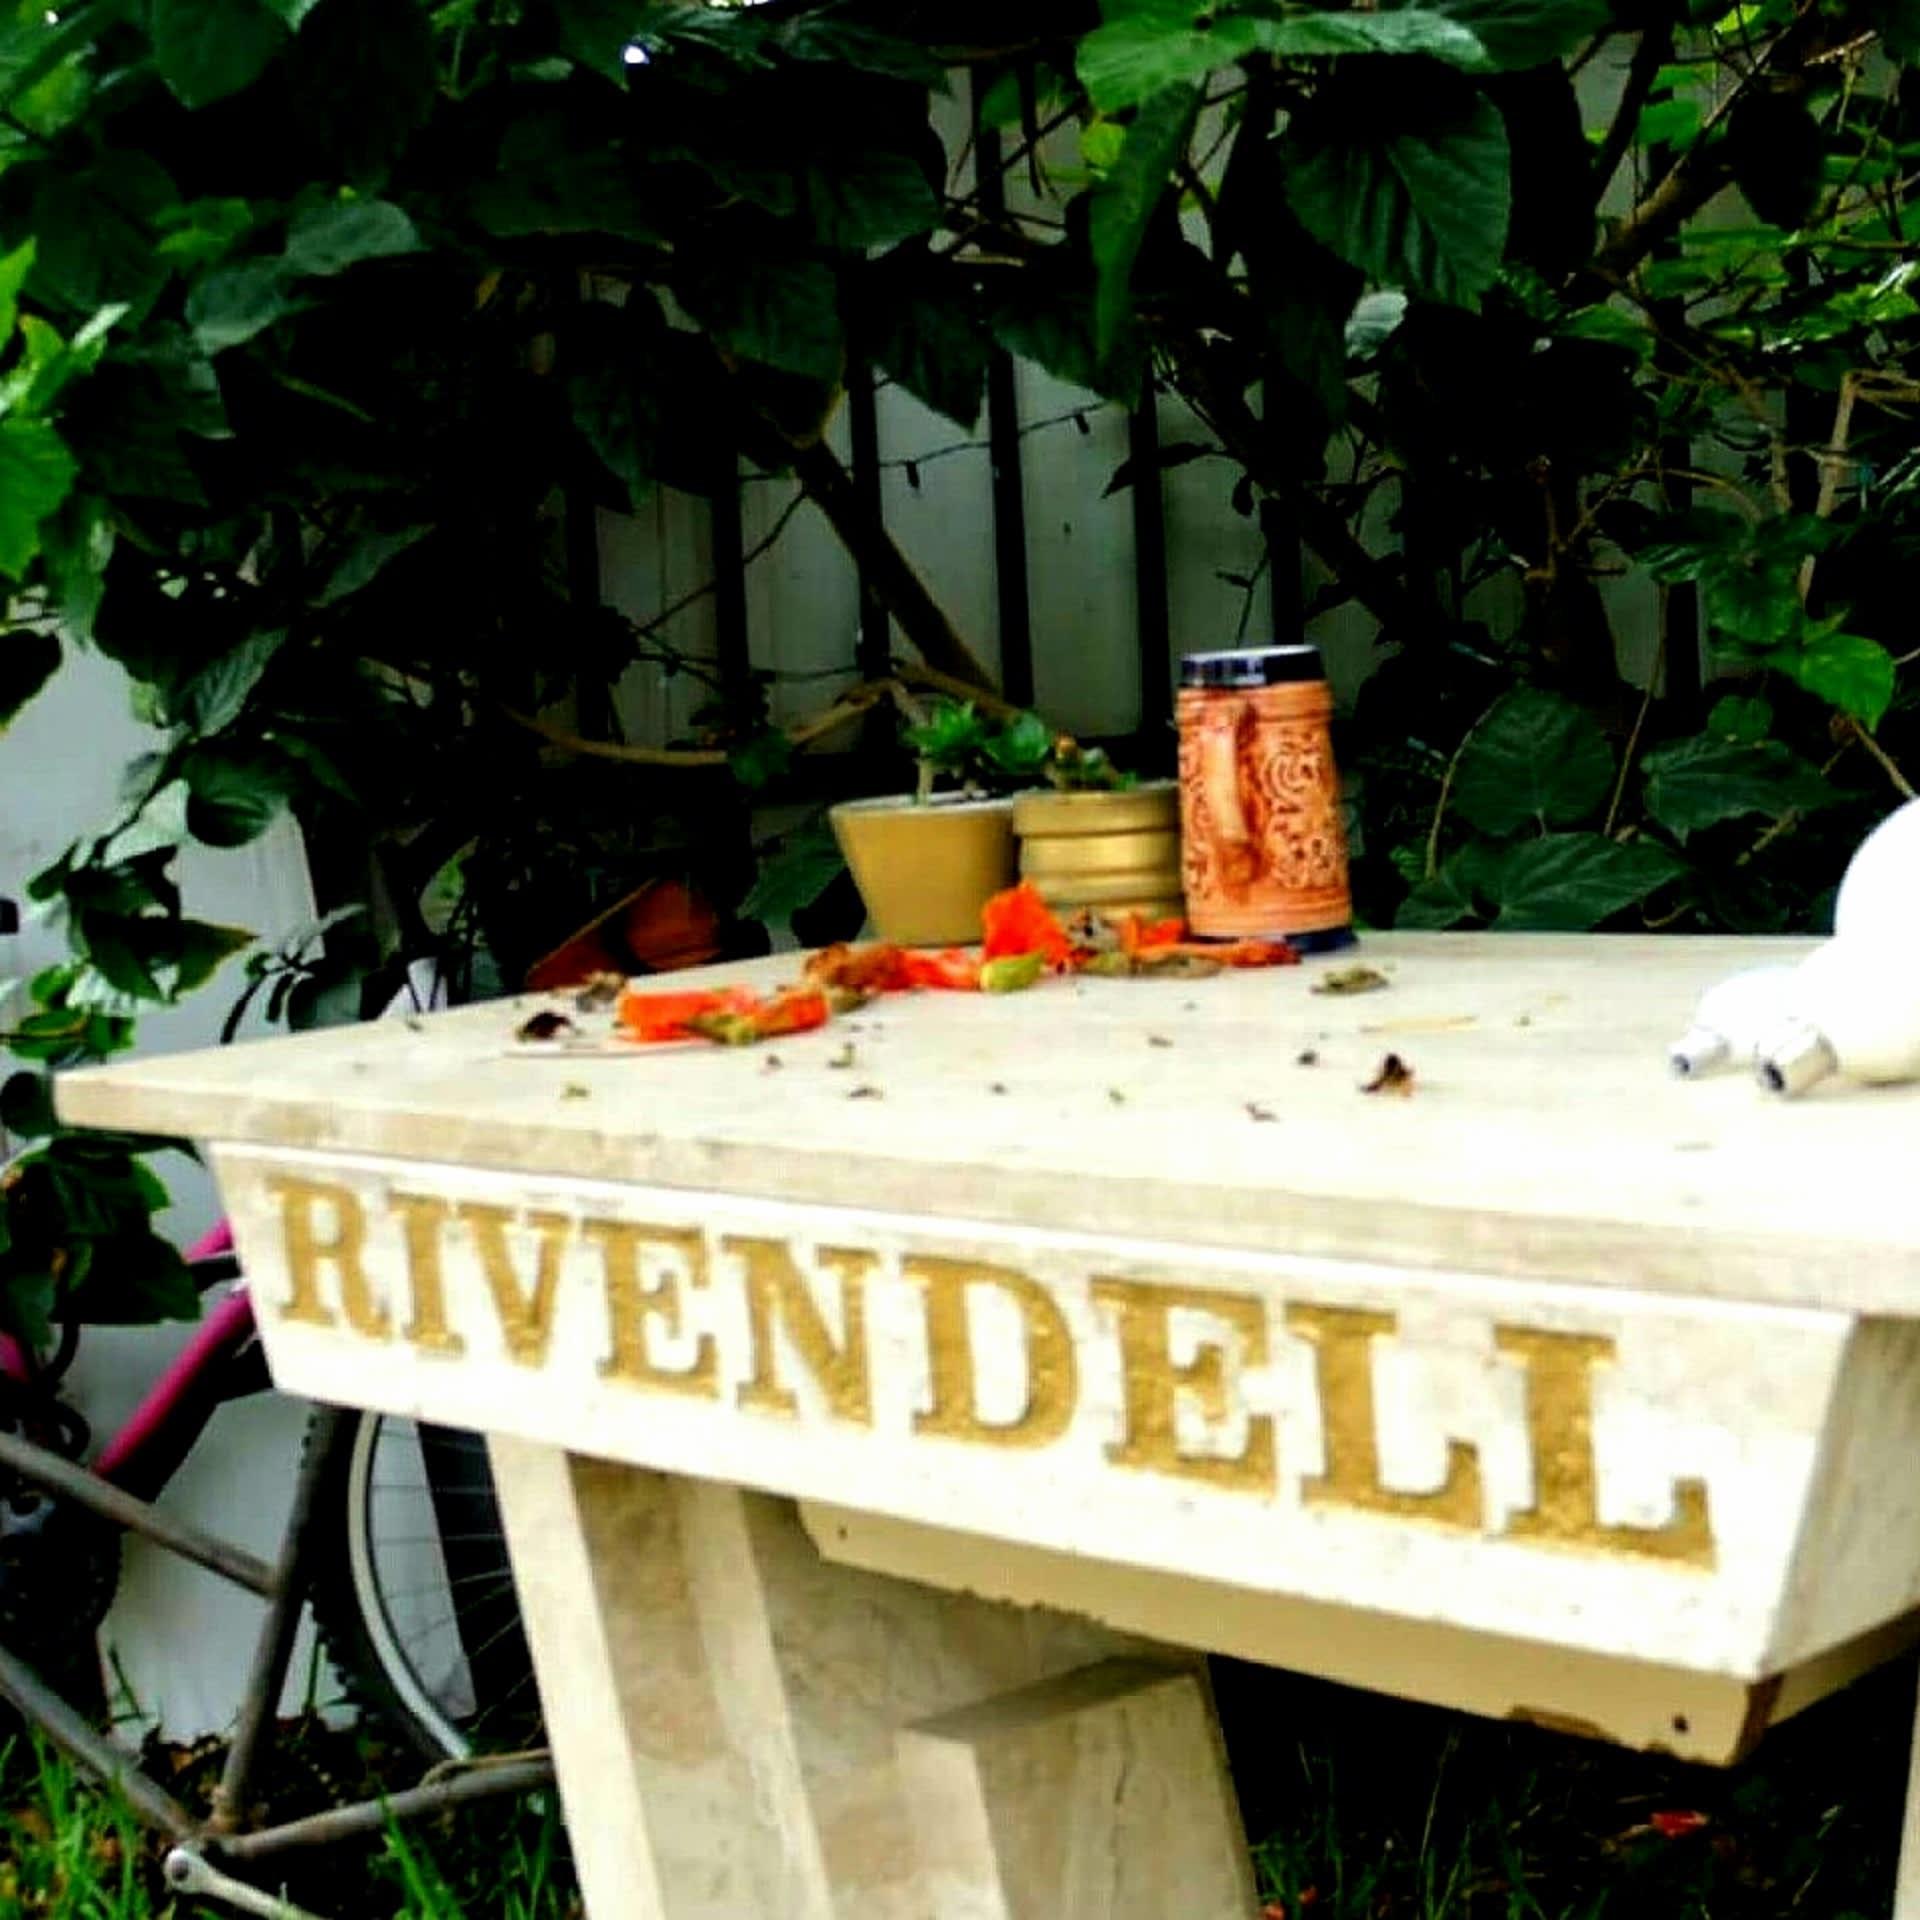 HOSTEL - Rivendell Premium